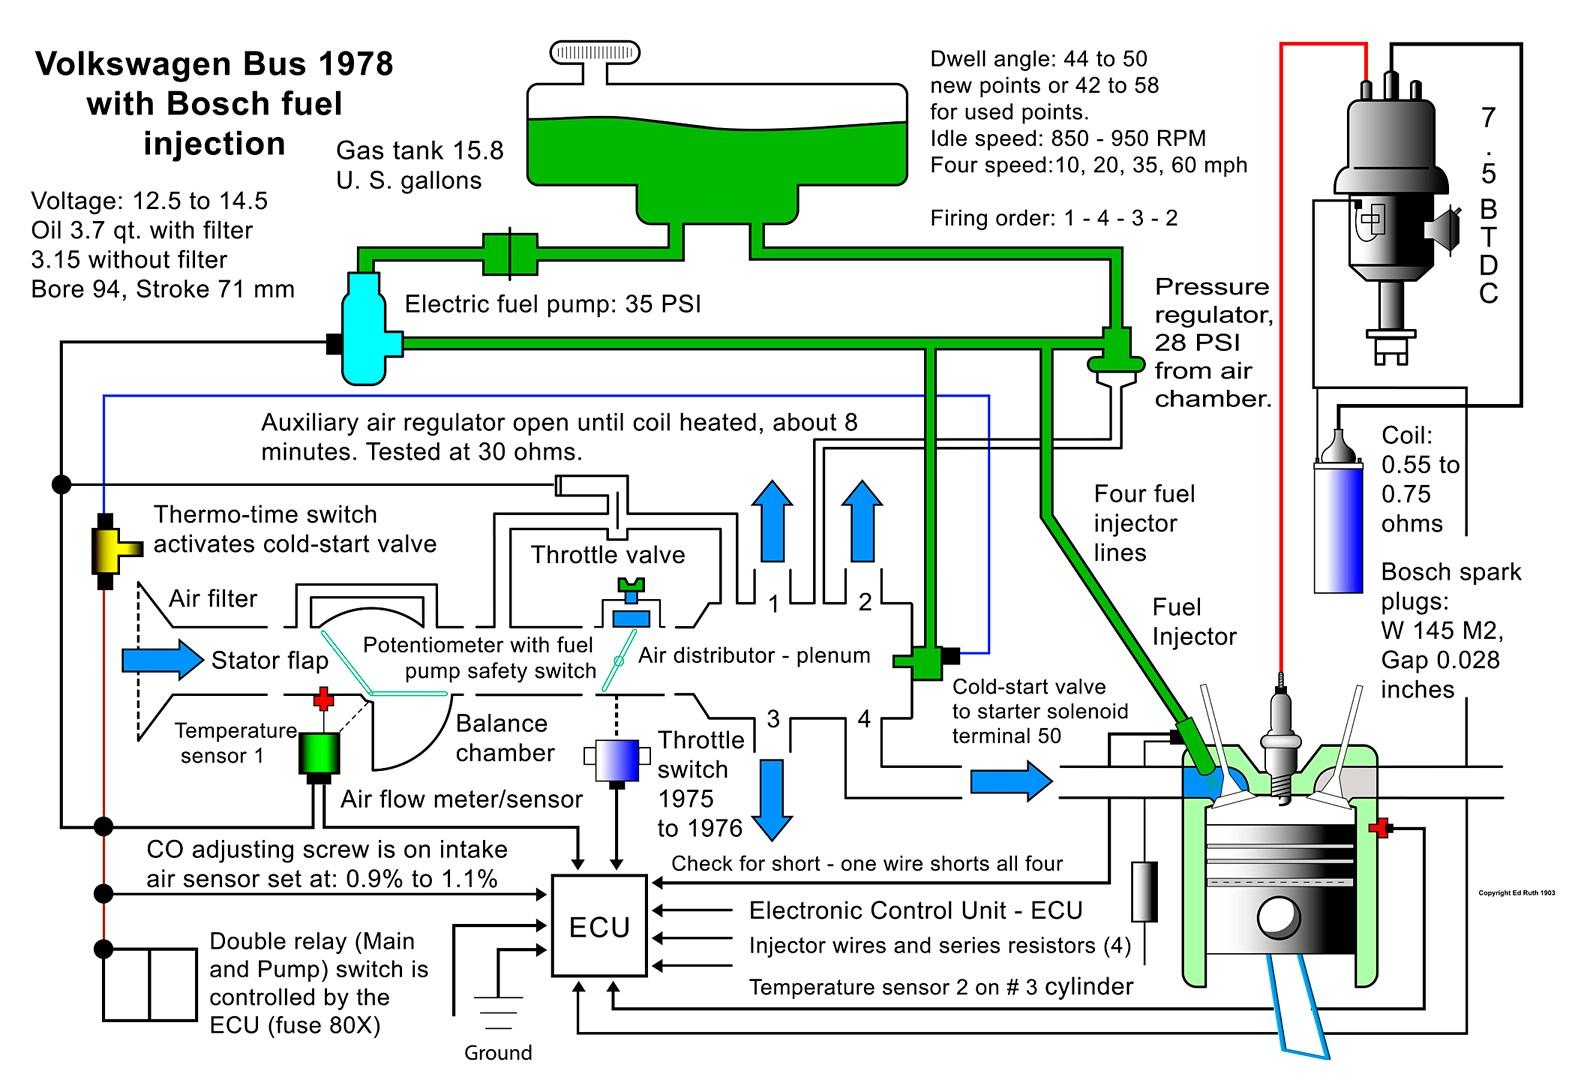 Bosch Starter Wiring Diagram Vw 1 8 - Wiring Diagrams Violation left-stake  - left-stake.donatorisangueospedalegrassi.itleft-stake.donatorisangueospedalegrassi.it